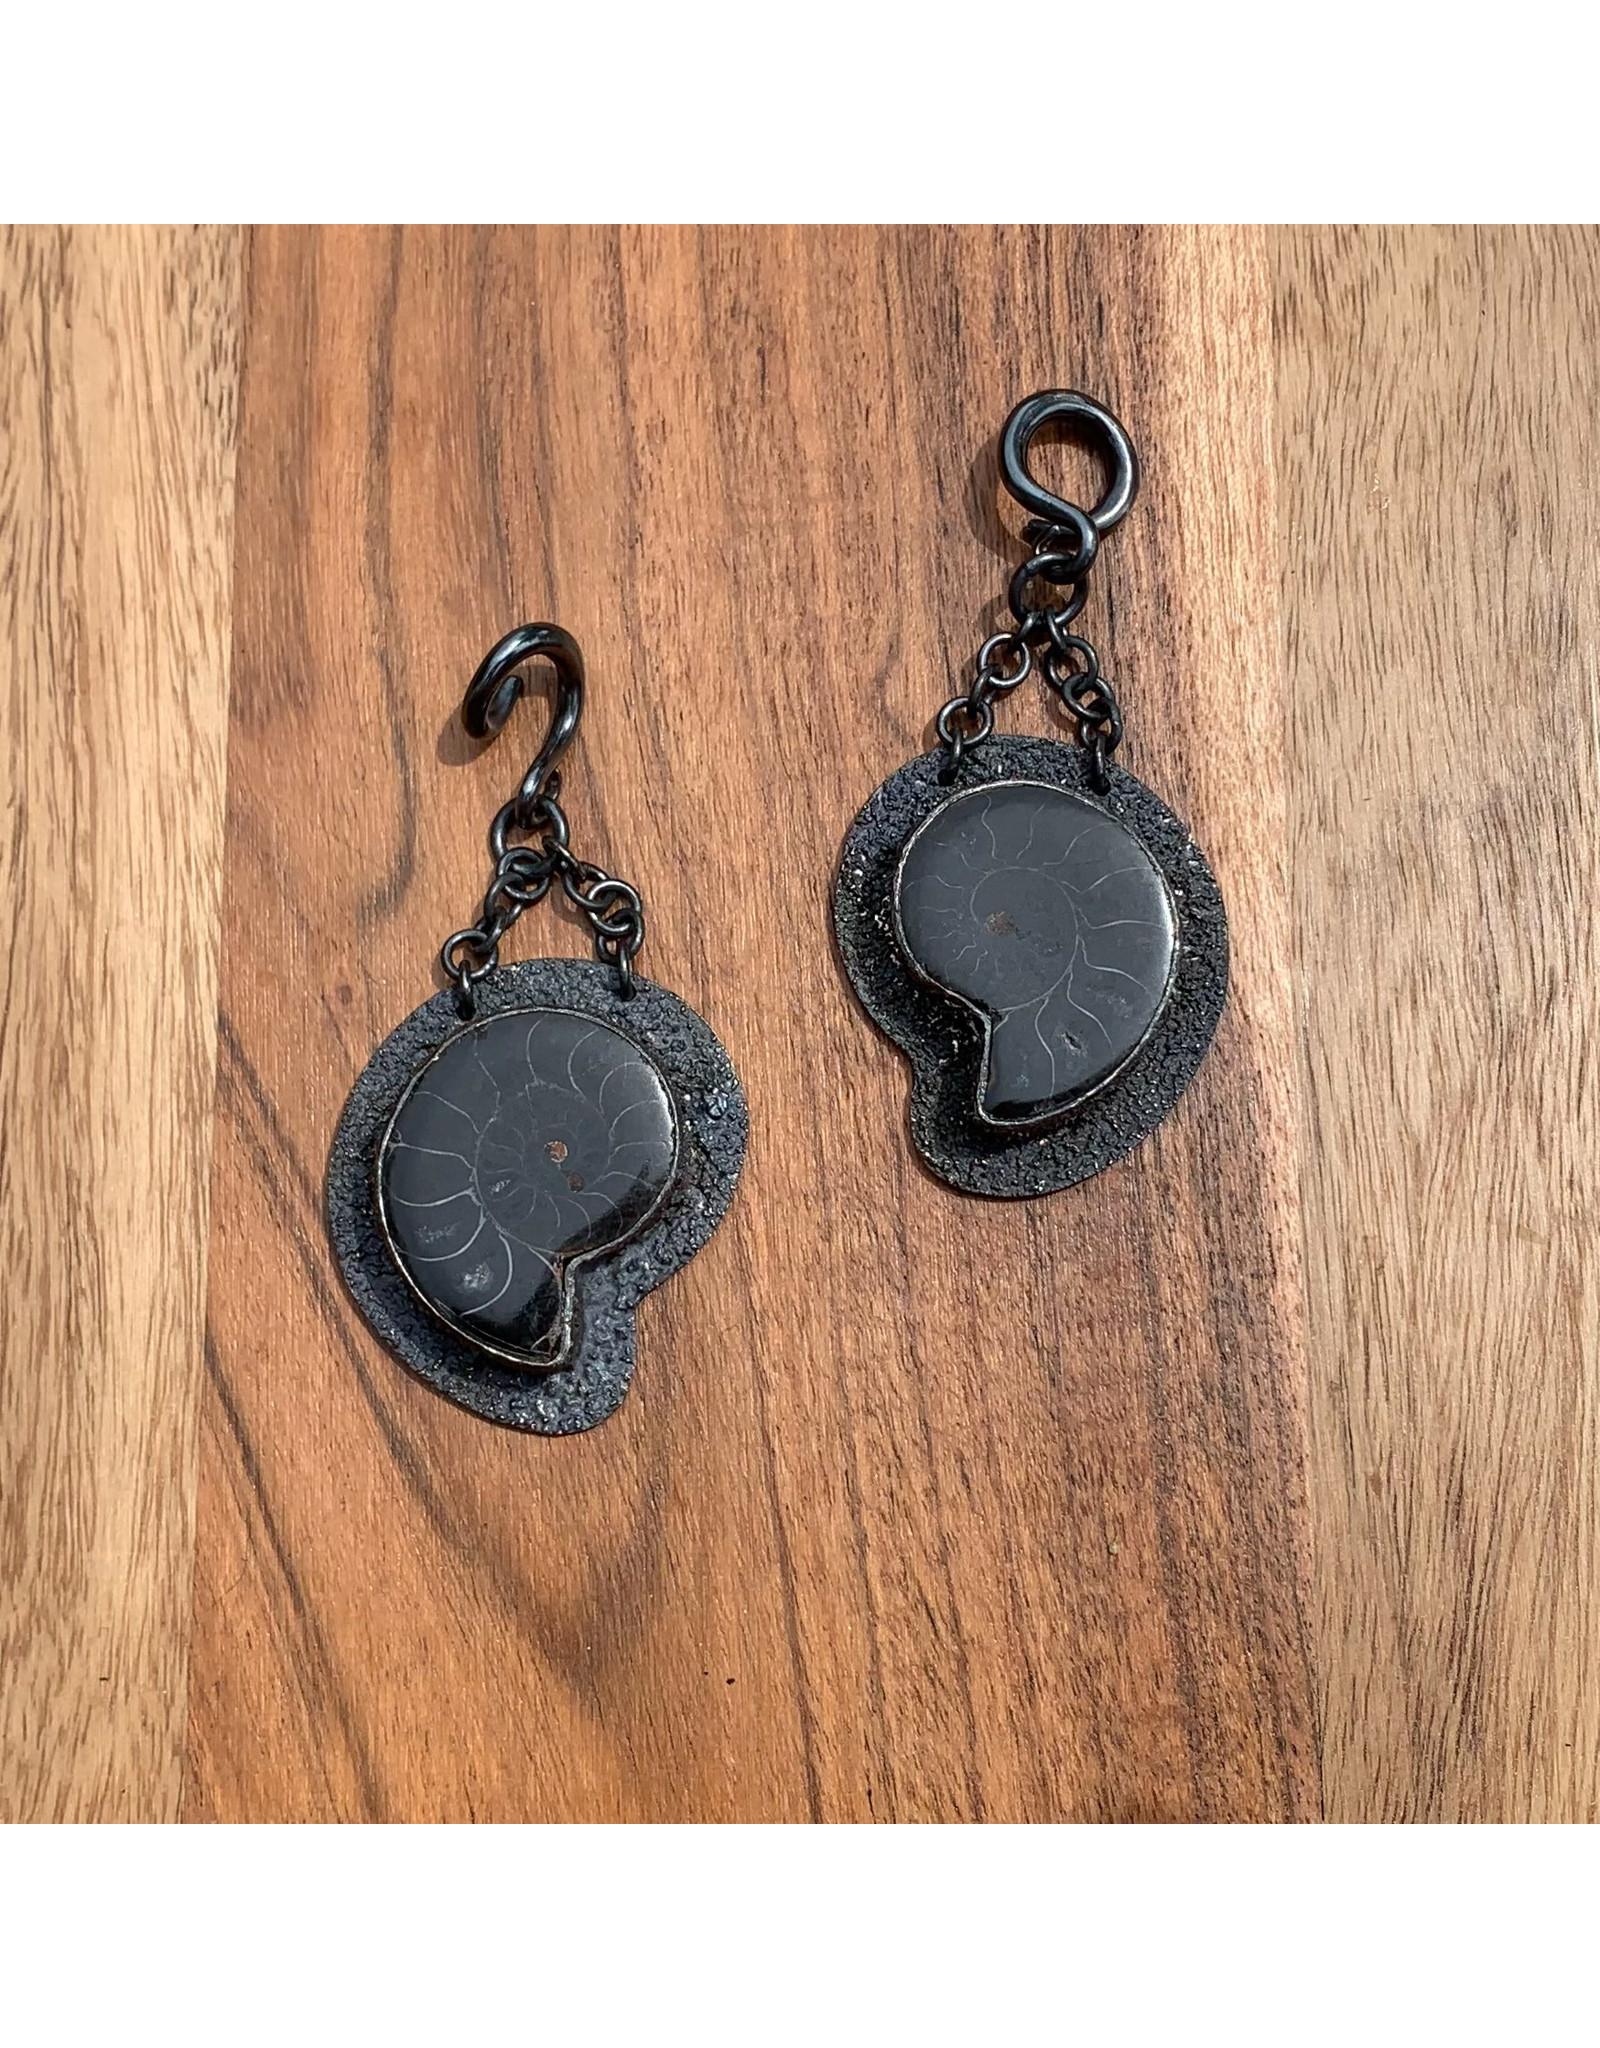 Diablo Organics Diablo Organics distressed, oxidized silver black ammonite on small classic coil